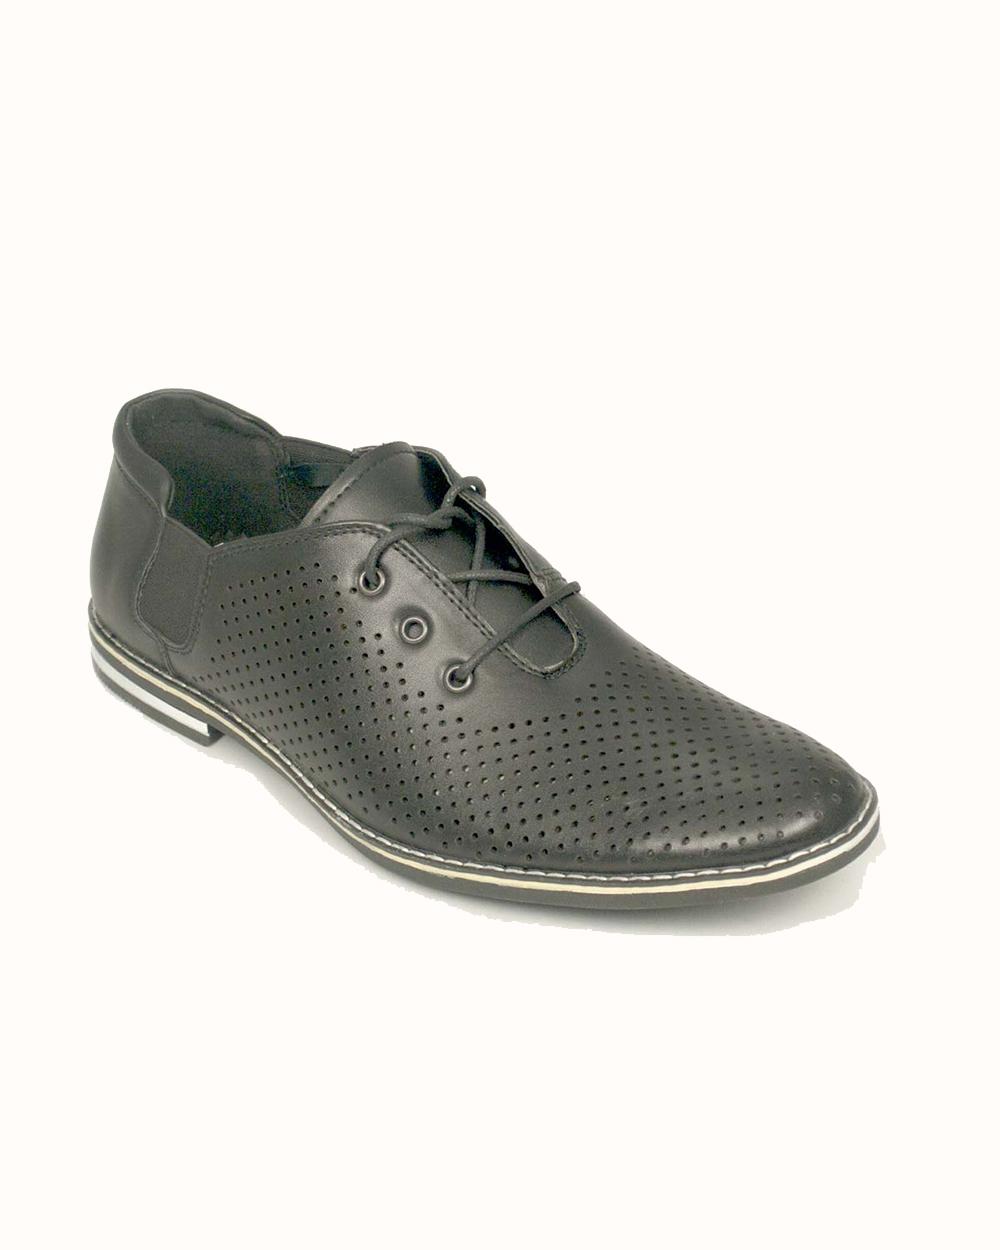 Мужские валенки и валяная обувь Купить валенки для мужчин